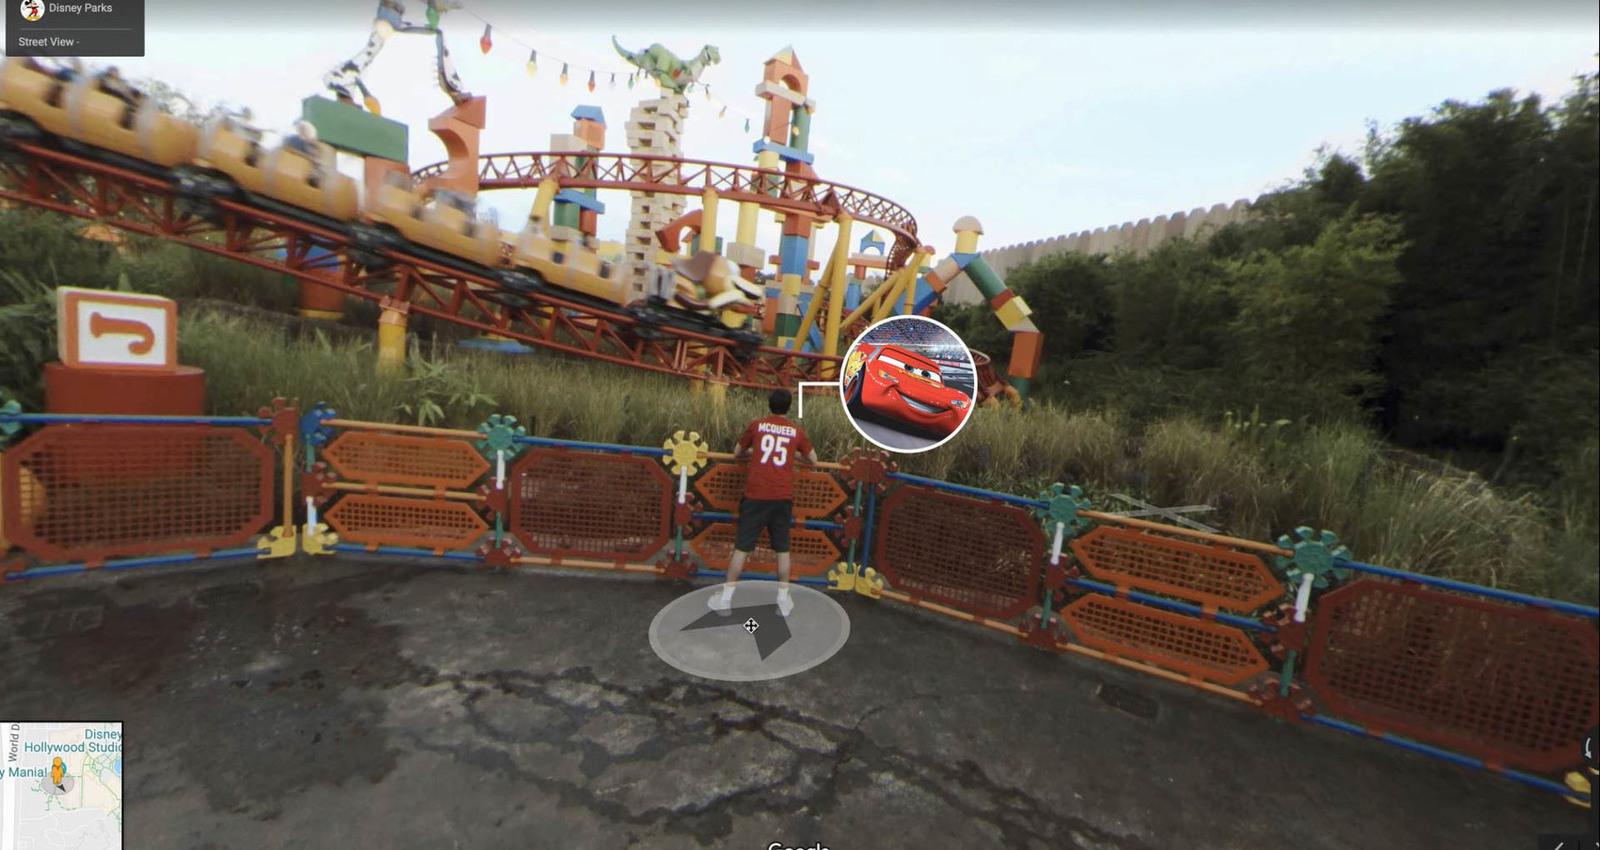 Pixar Street View